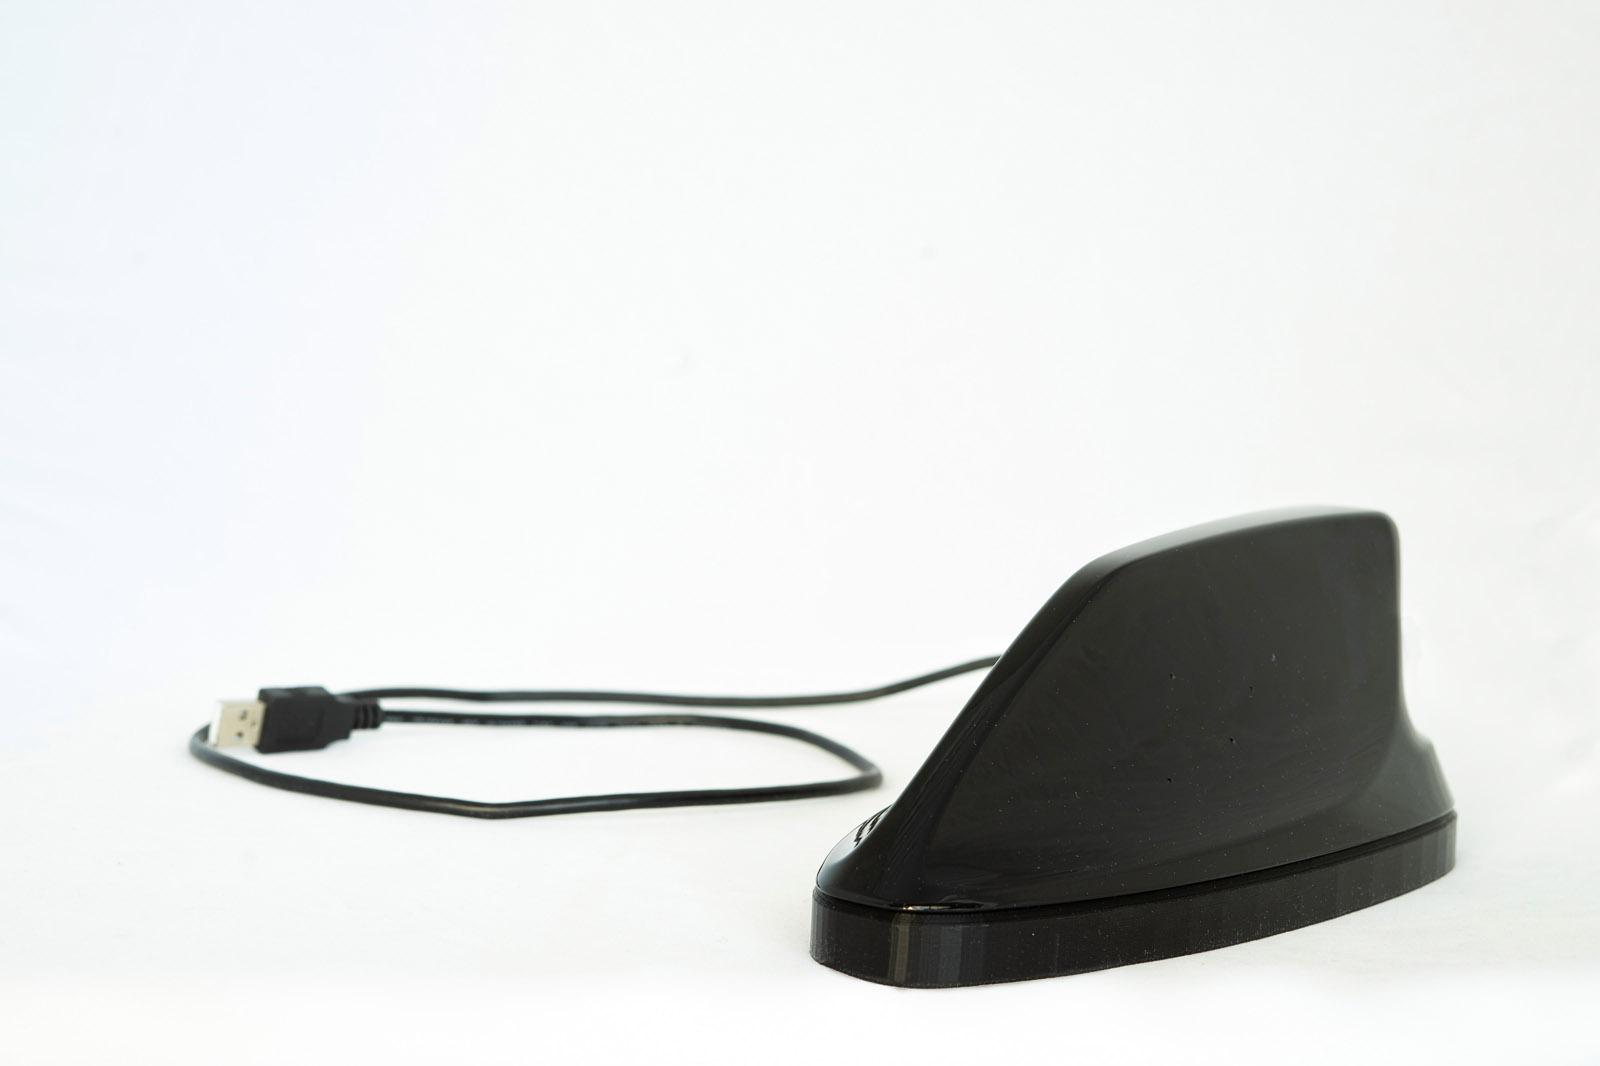 Fraunhofer-Institut entwickelt hörendes Auto - die modifzierte Dachfinne